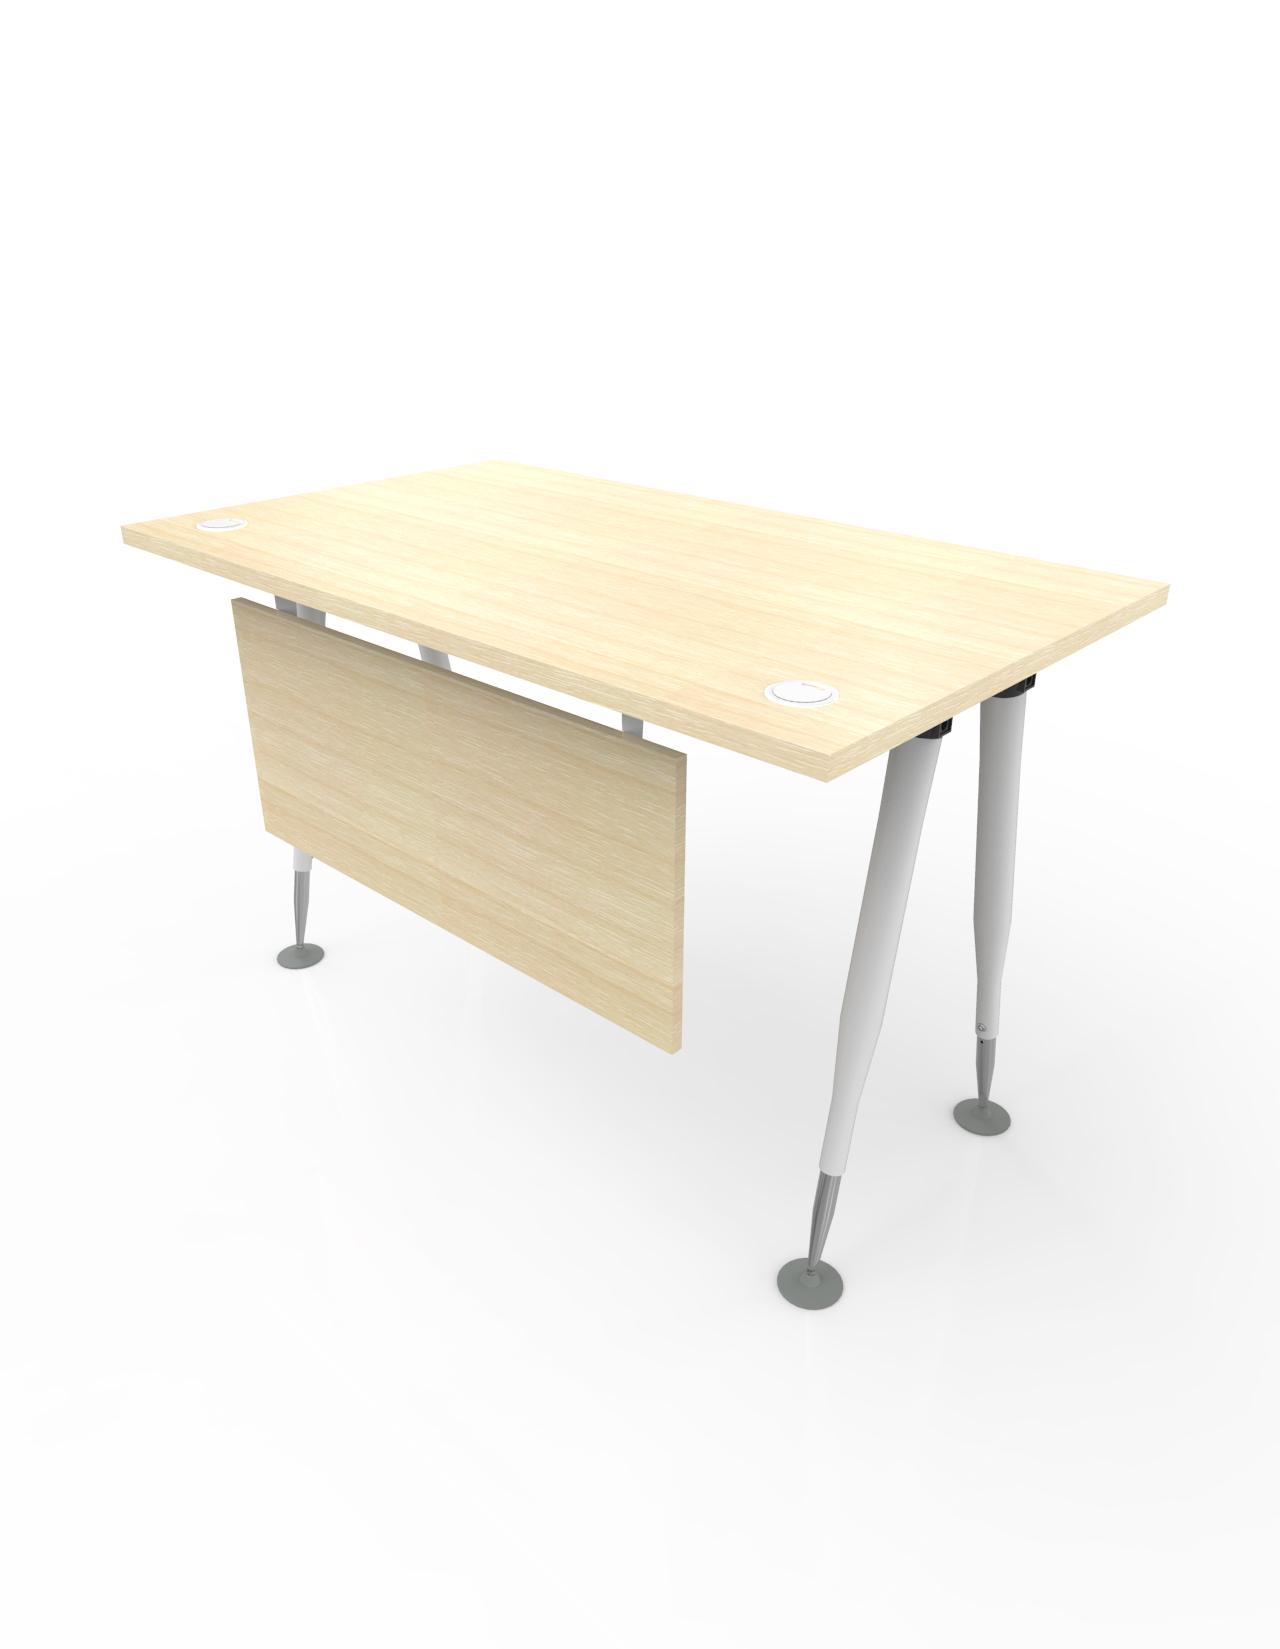 APSD โต๊ะทำงานตรง (A-PLUS SERIES)